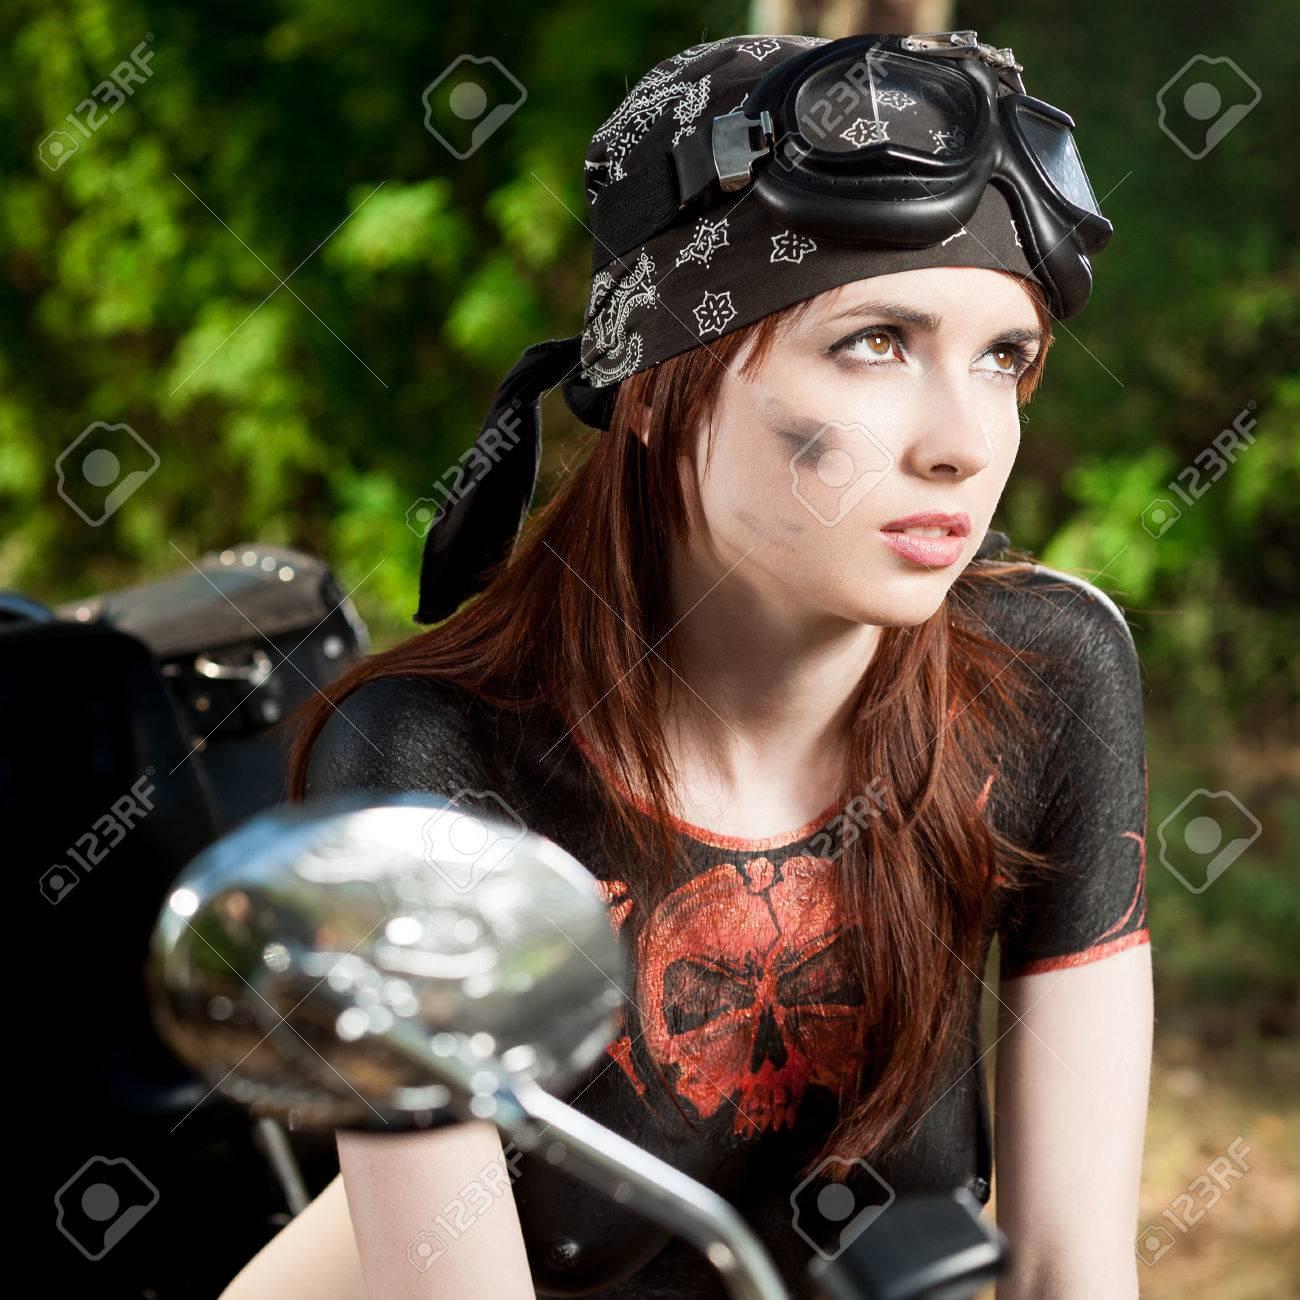 Сексуальная девушка и мотоцикл 17 фотография